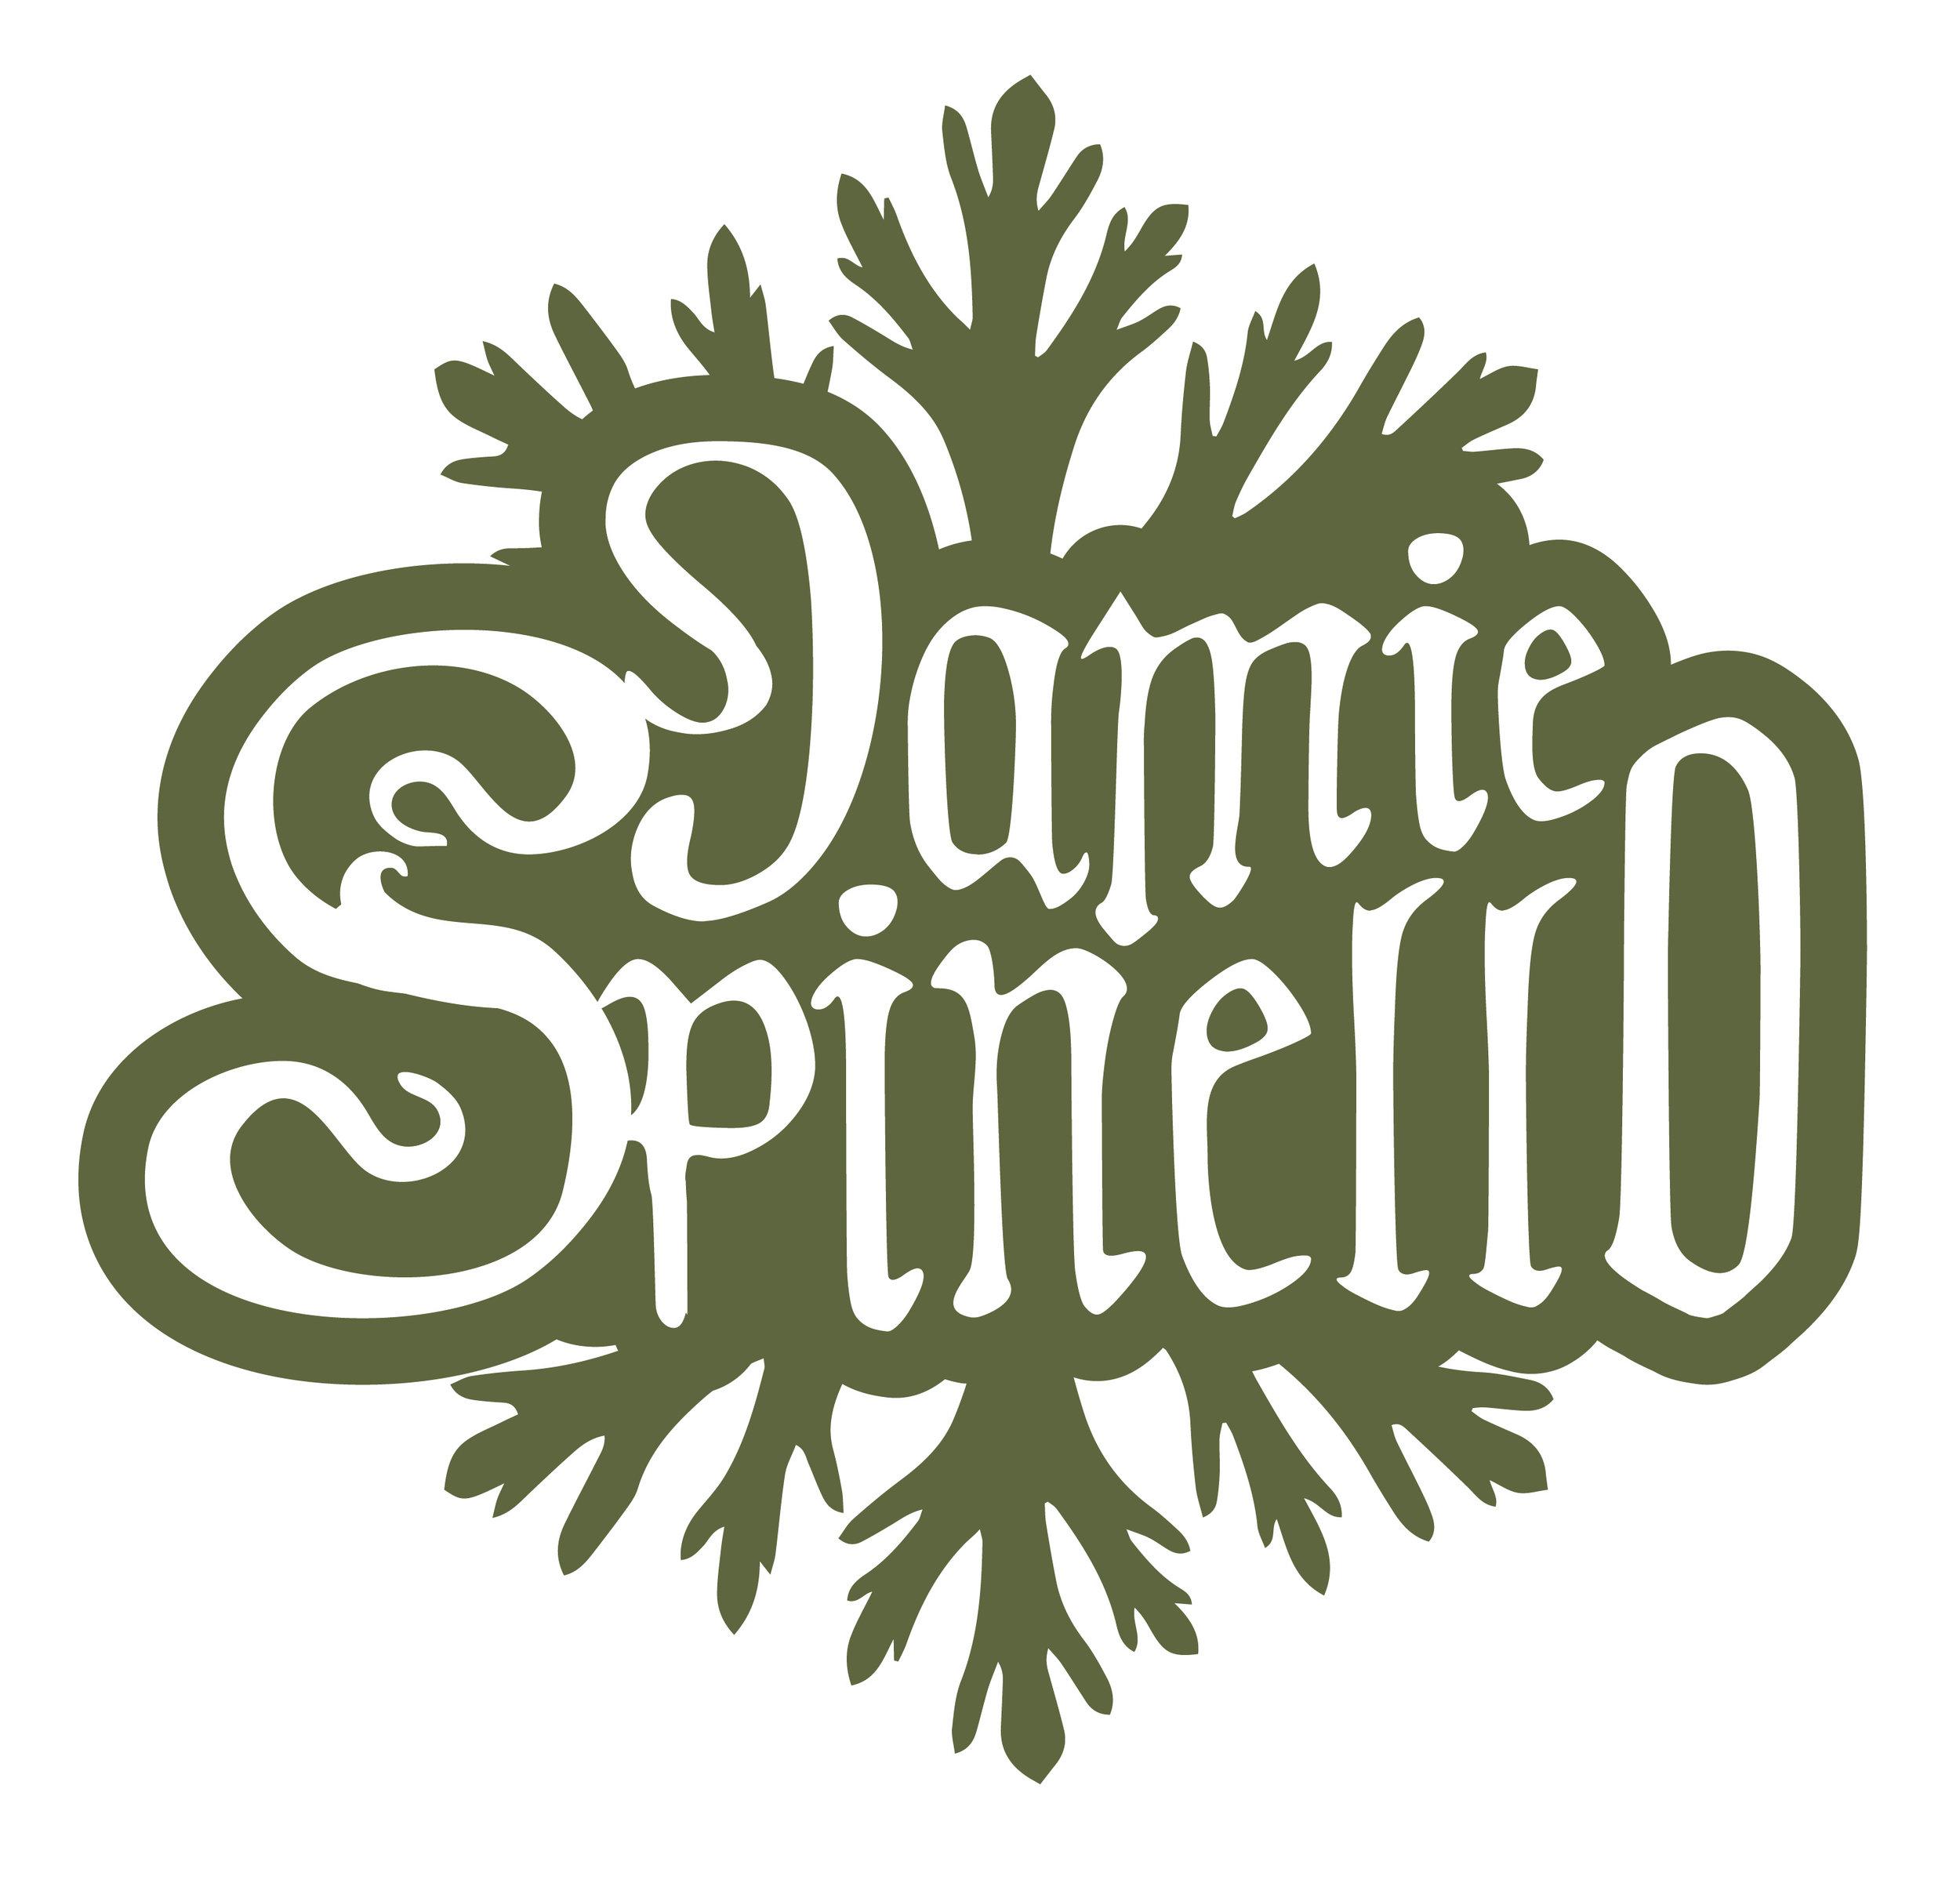 Logo_Jamie_Spinello.jpg